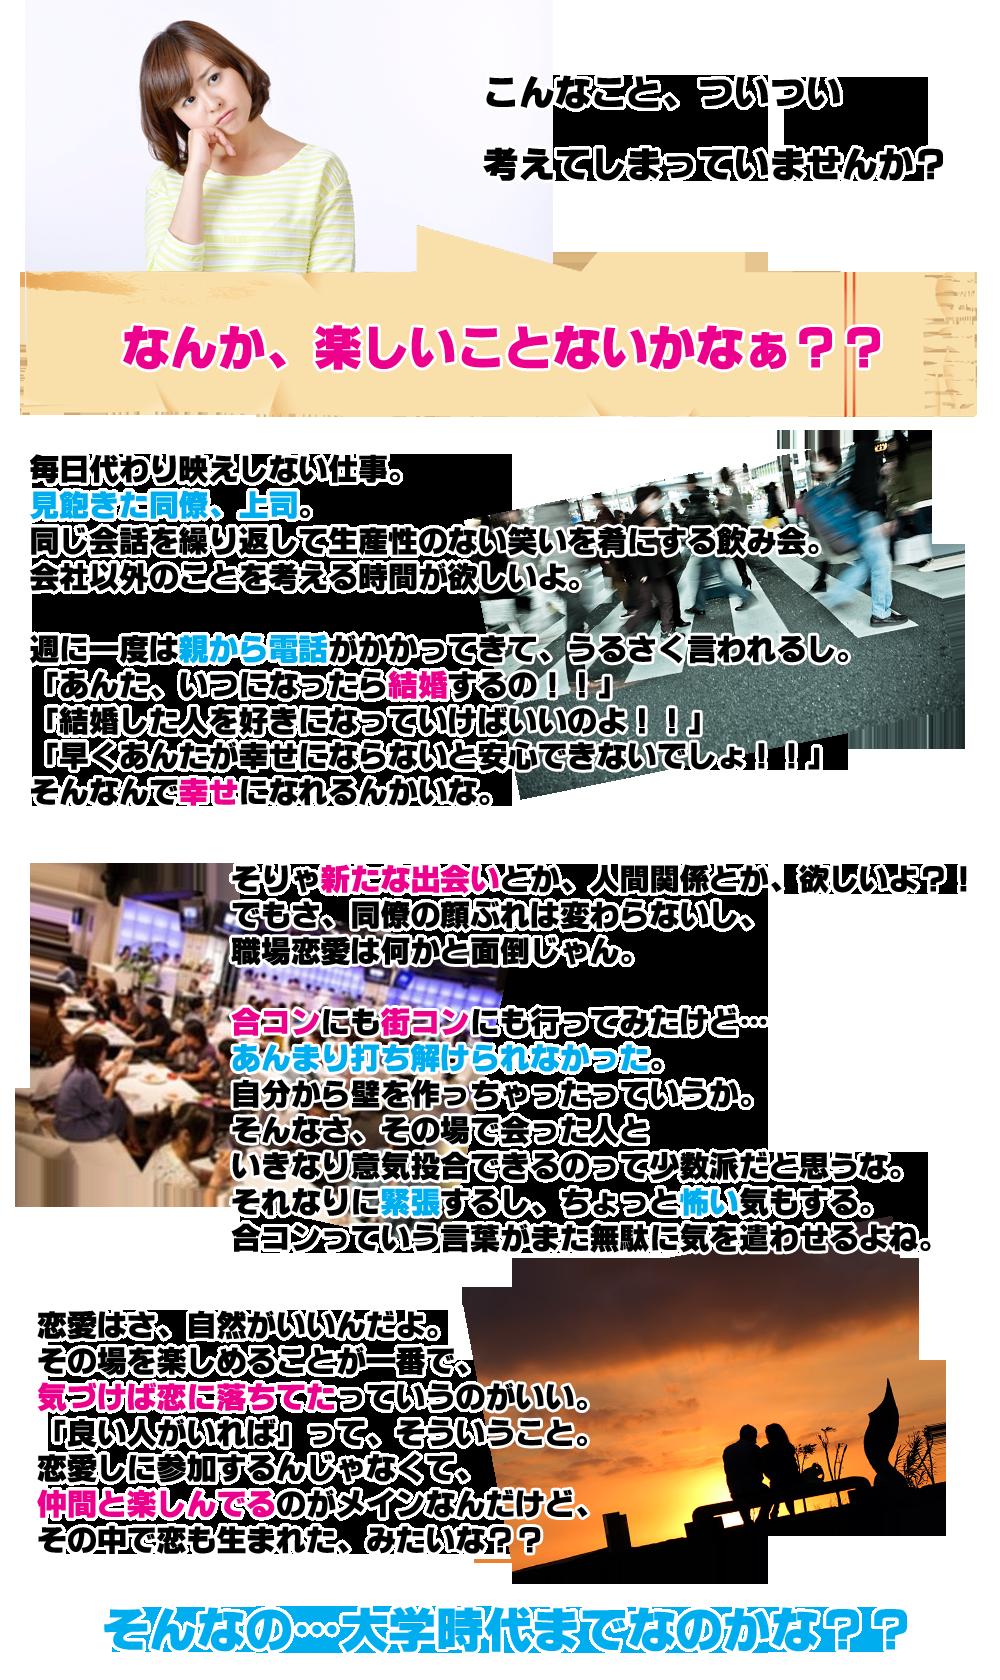 02_共感部